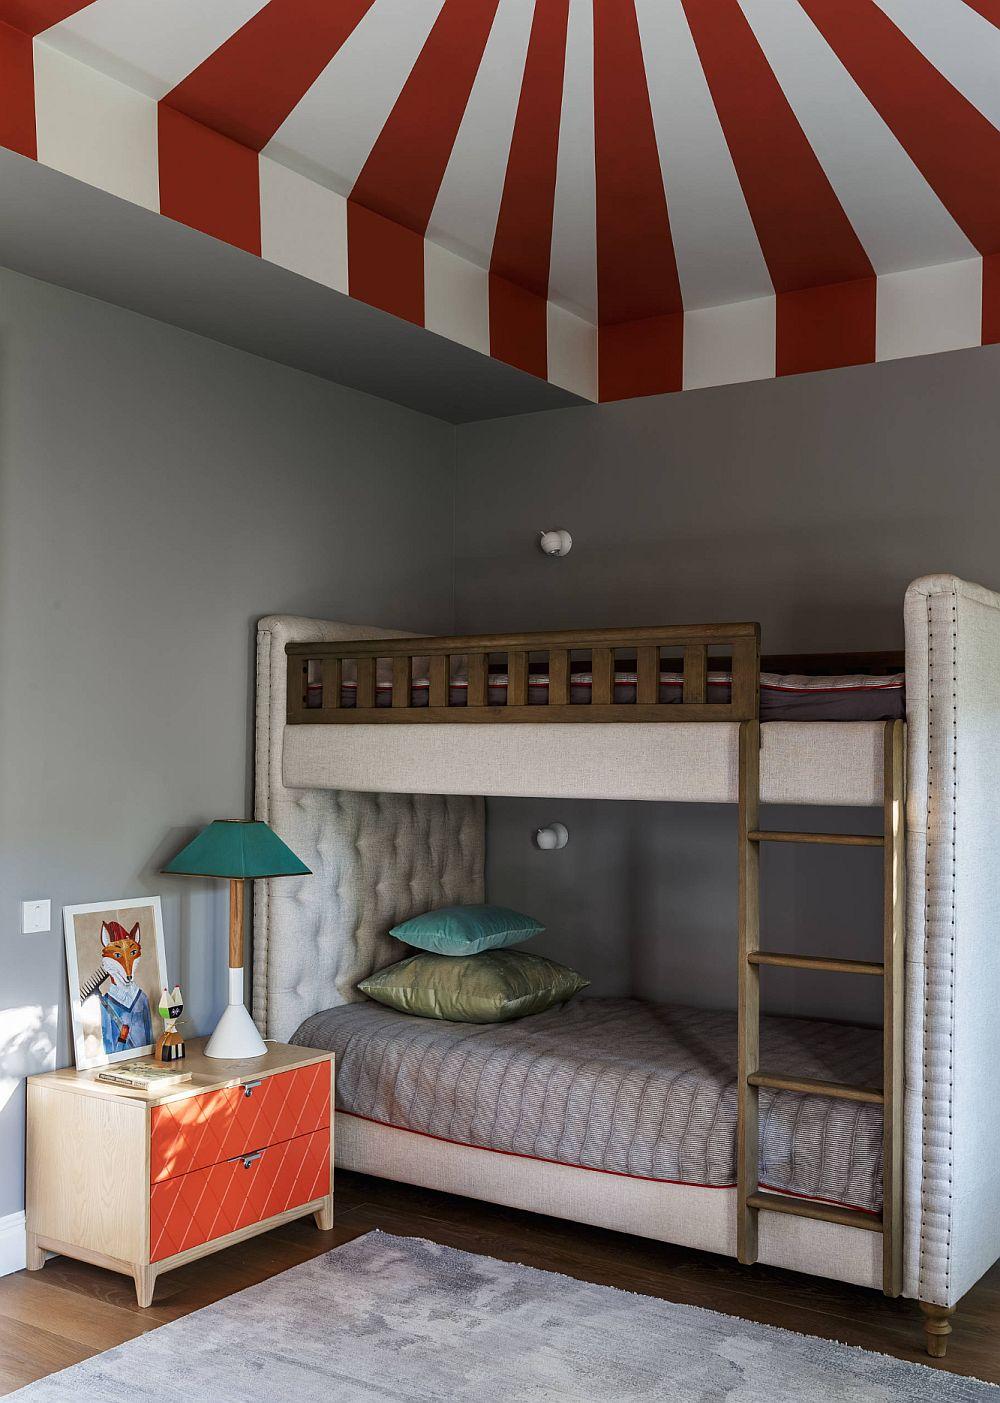 Pentru doi dintre copii este realizat pe comandă un pat supraetajat. Astfel s-a economisit mult din spațiu.